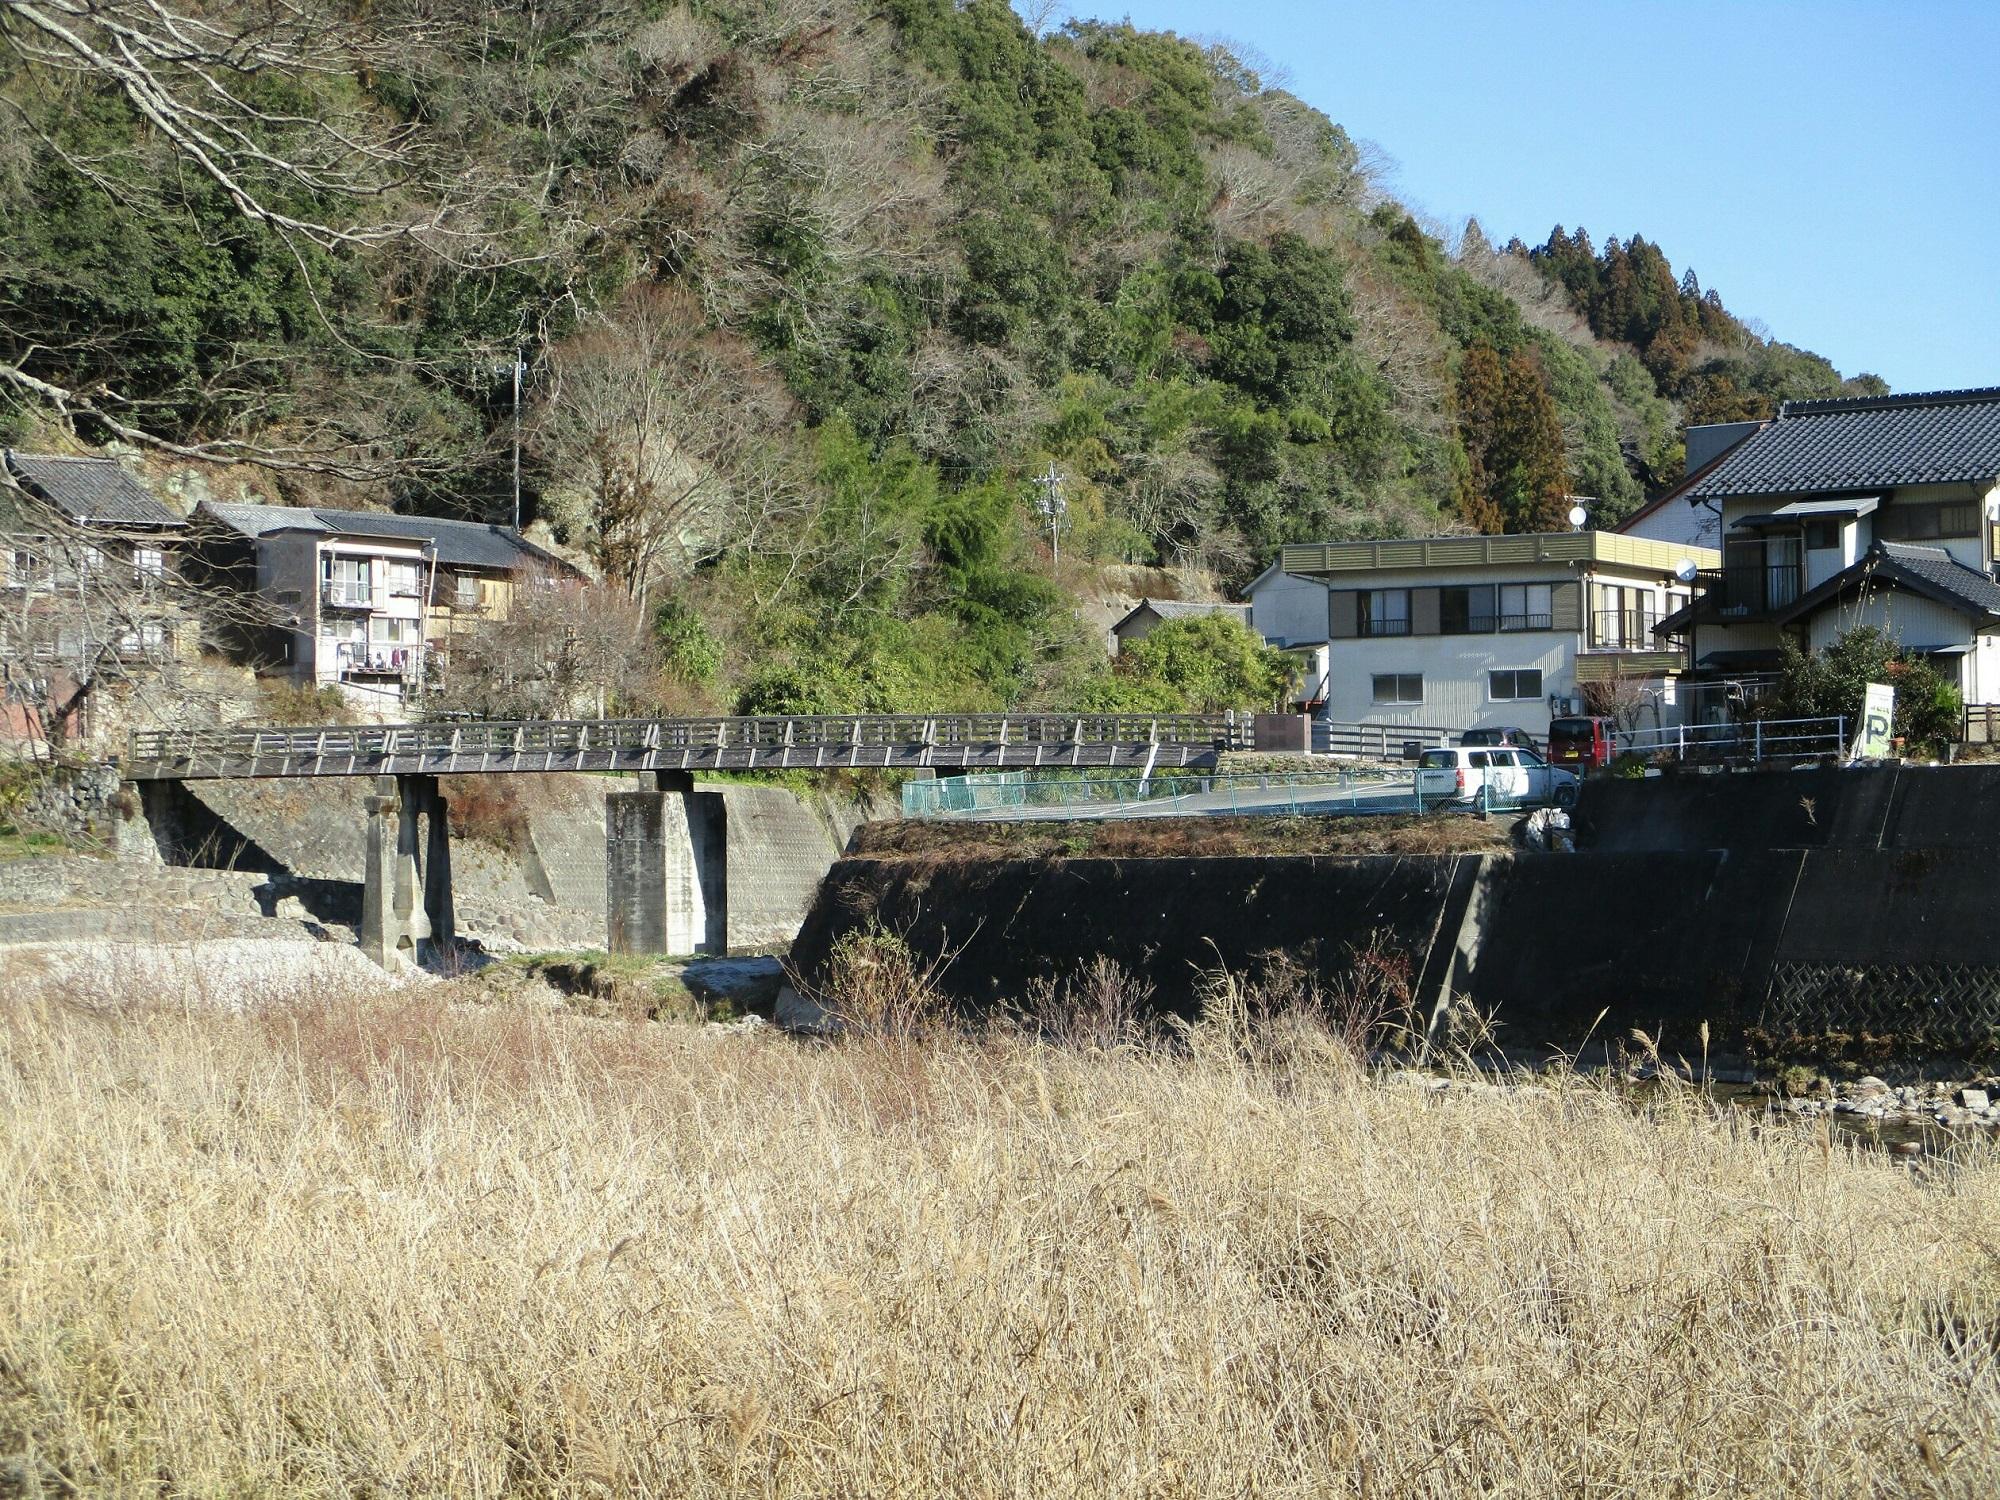 2019.1.7 (41) 足助 - 落合橋 2000-1500